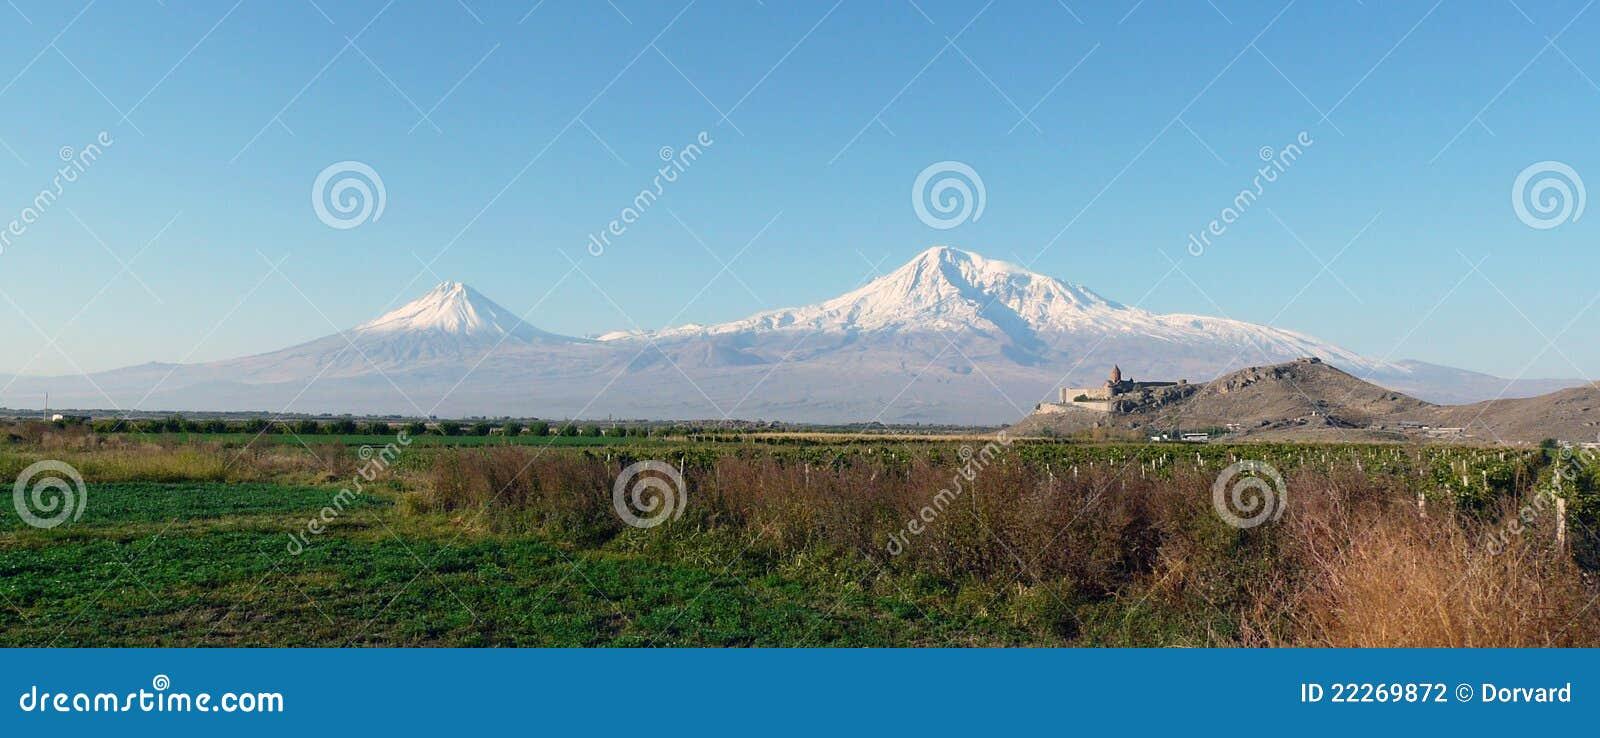 Panorama on mountain Ararat